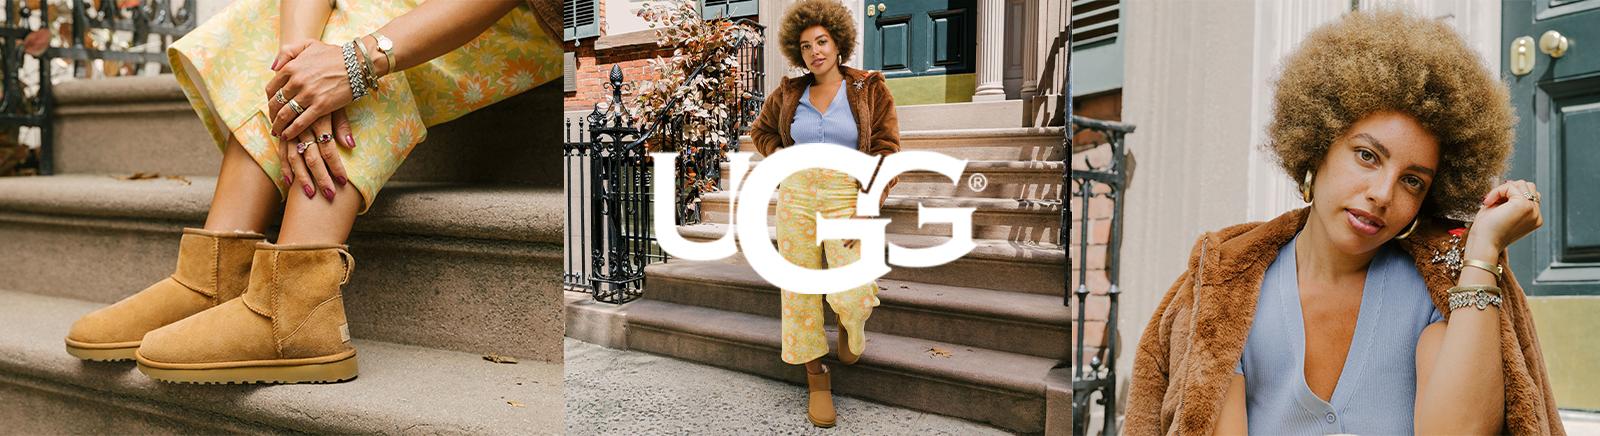 UGG Damenschuhe online entdecken im Juppen Schuhe Shop